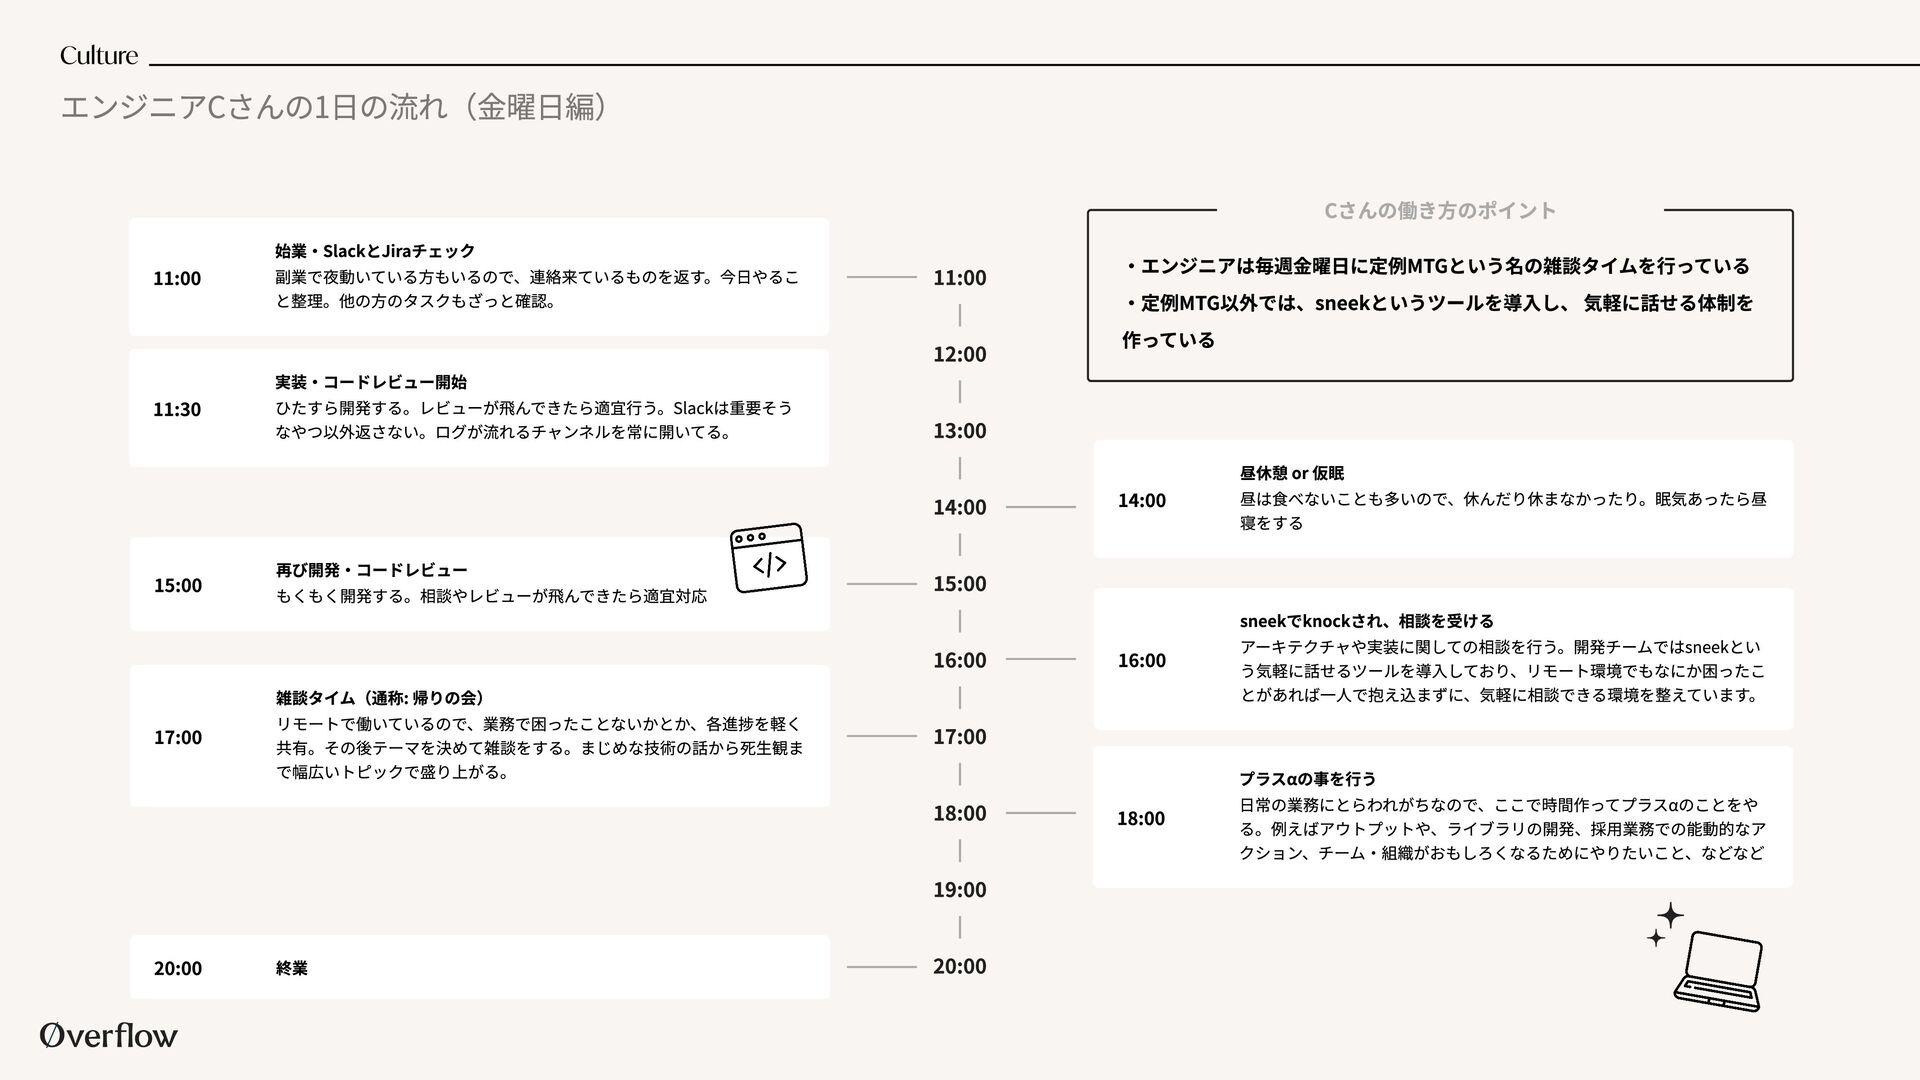 細かすぎる求人票 リモートはslackで #kintai に投げればok  直行直帰のきまずさ...